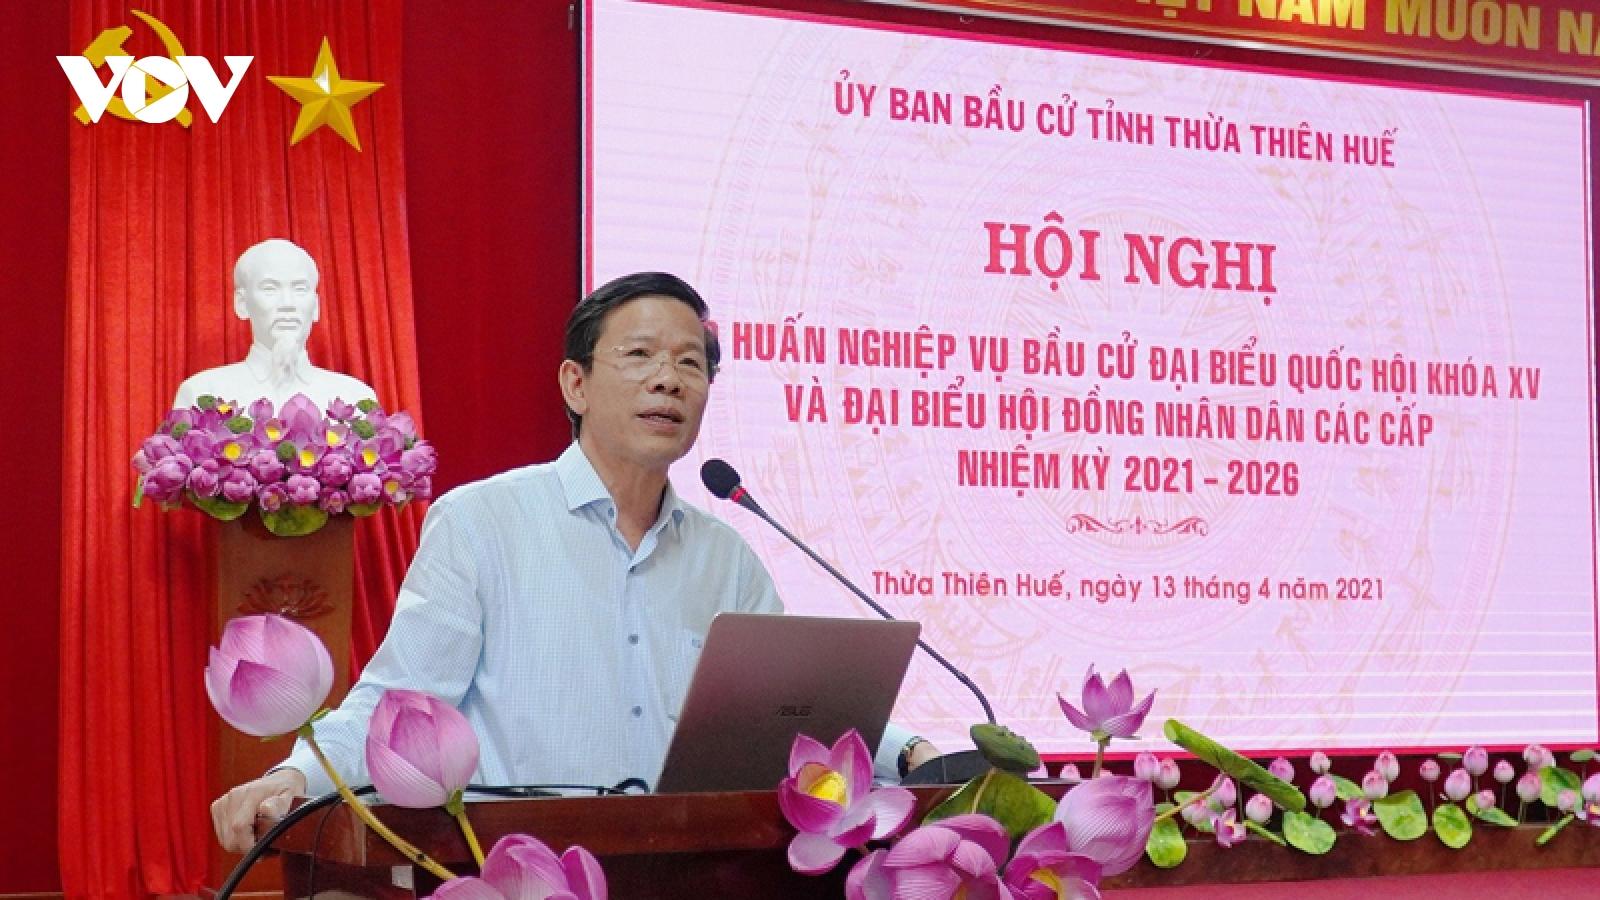 Dự kiến ngày 16/4, Thừa Thiên Huế tổ chức Hội nghị hiệp thương lần 3